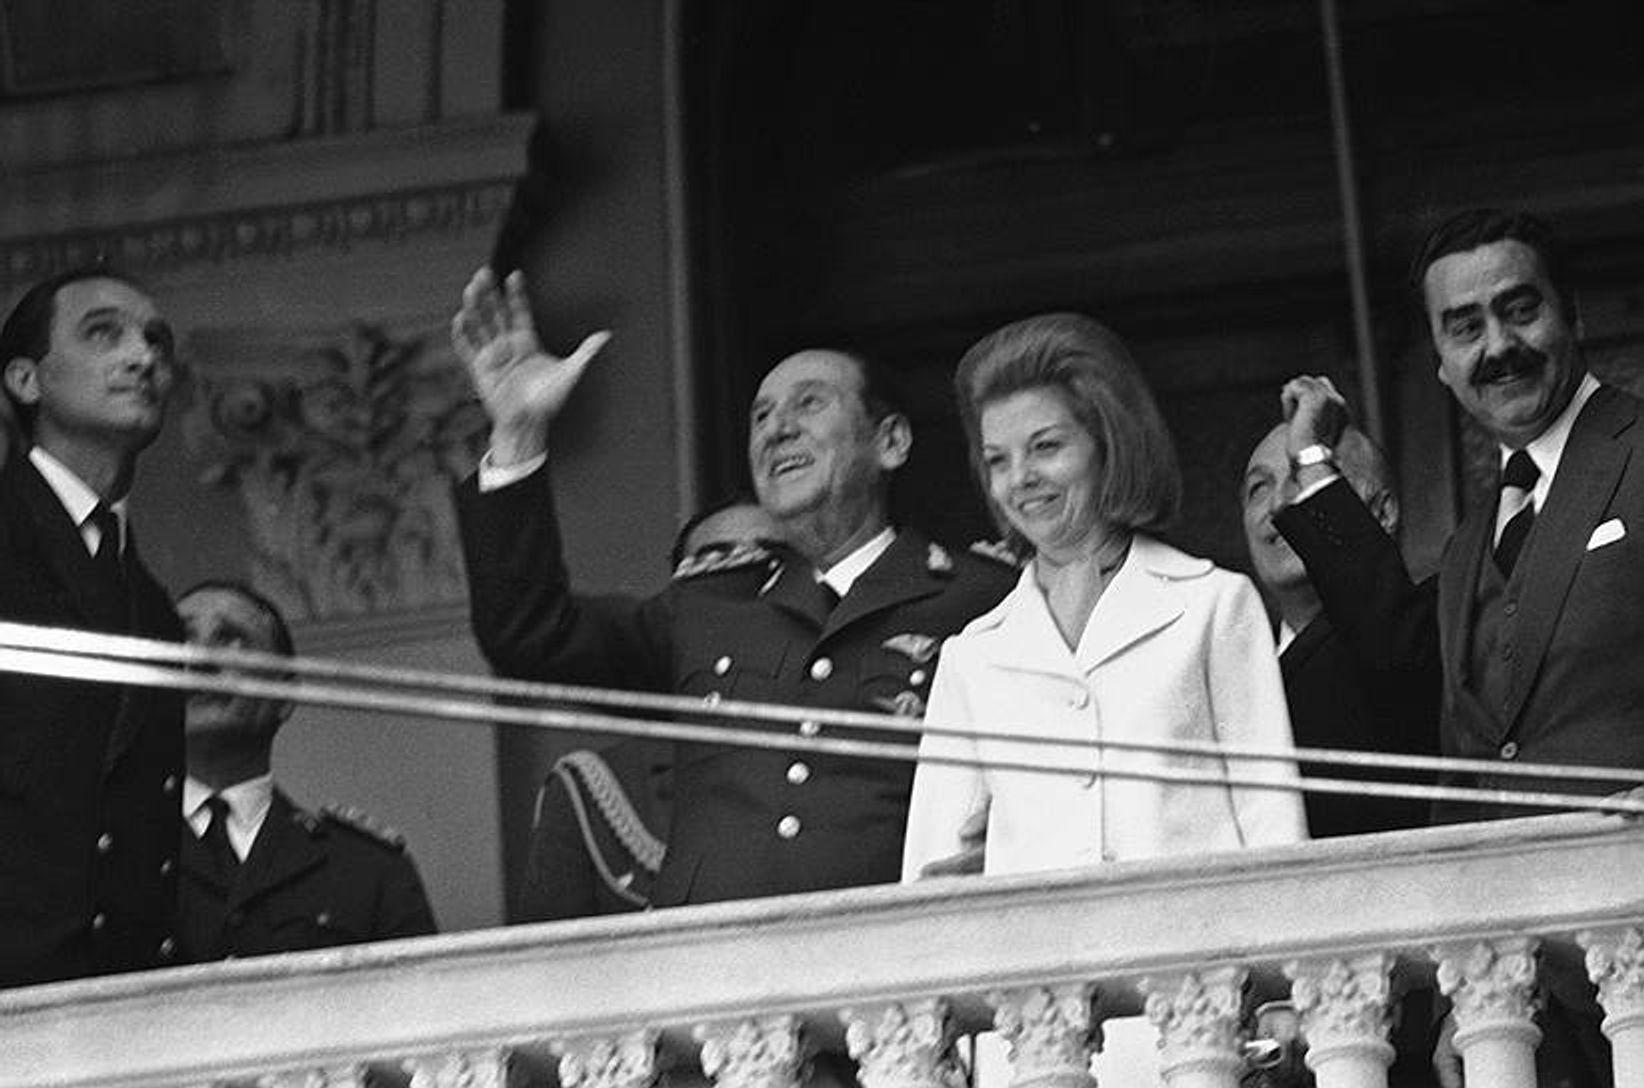 Через 17 лет эмиграции Хуан Перон с триумфом вернулся в Аргентину и стал президентом